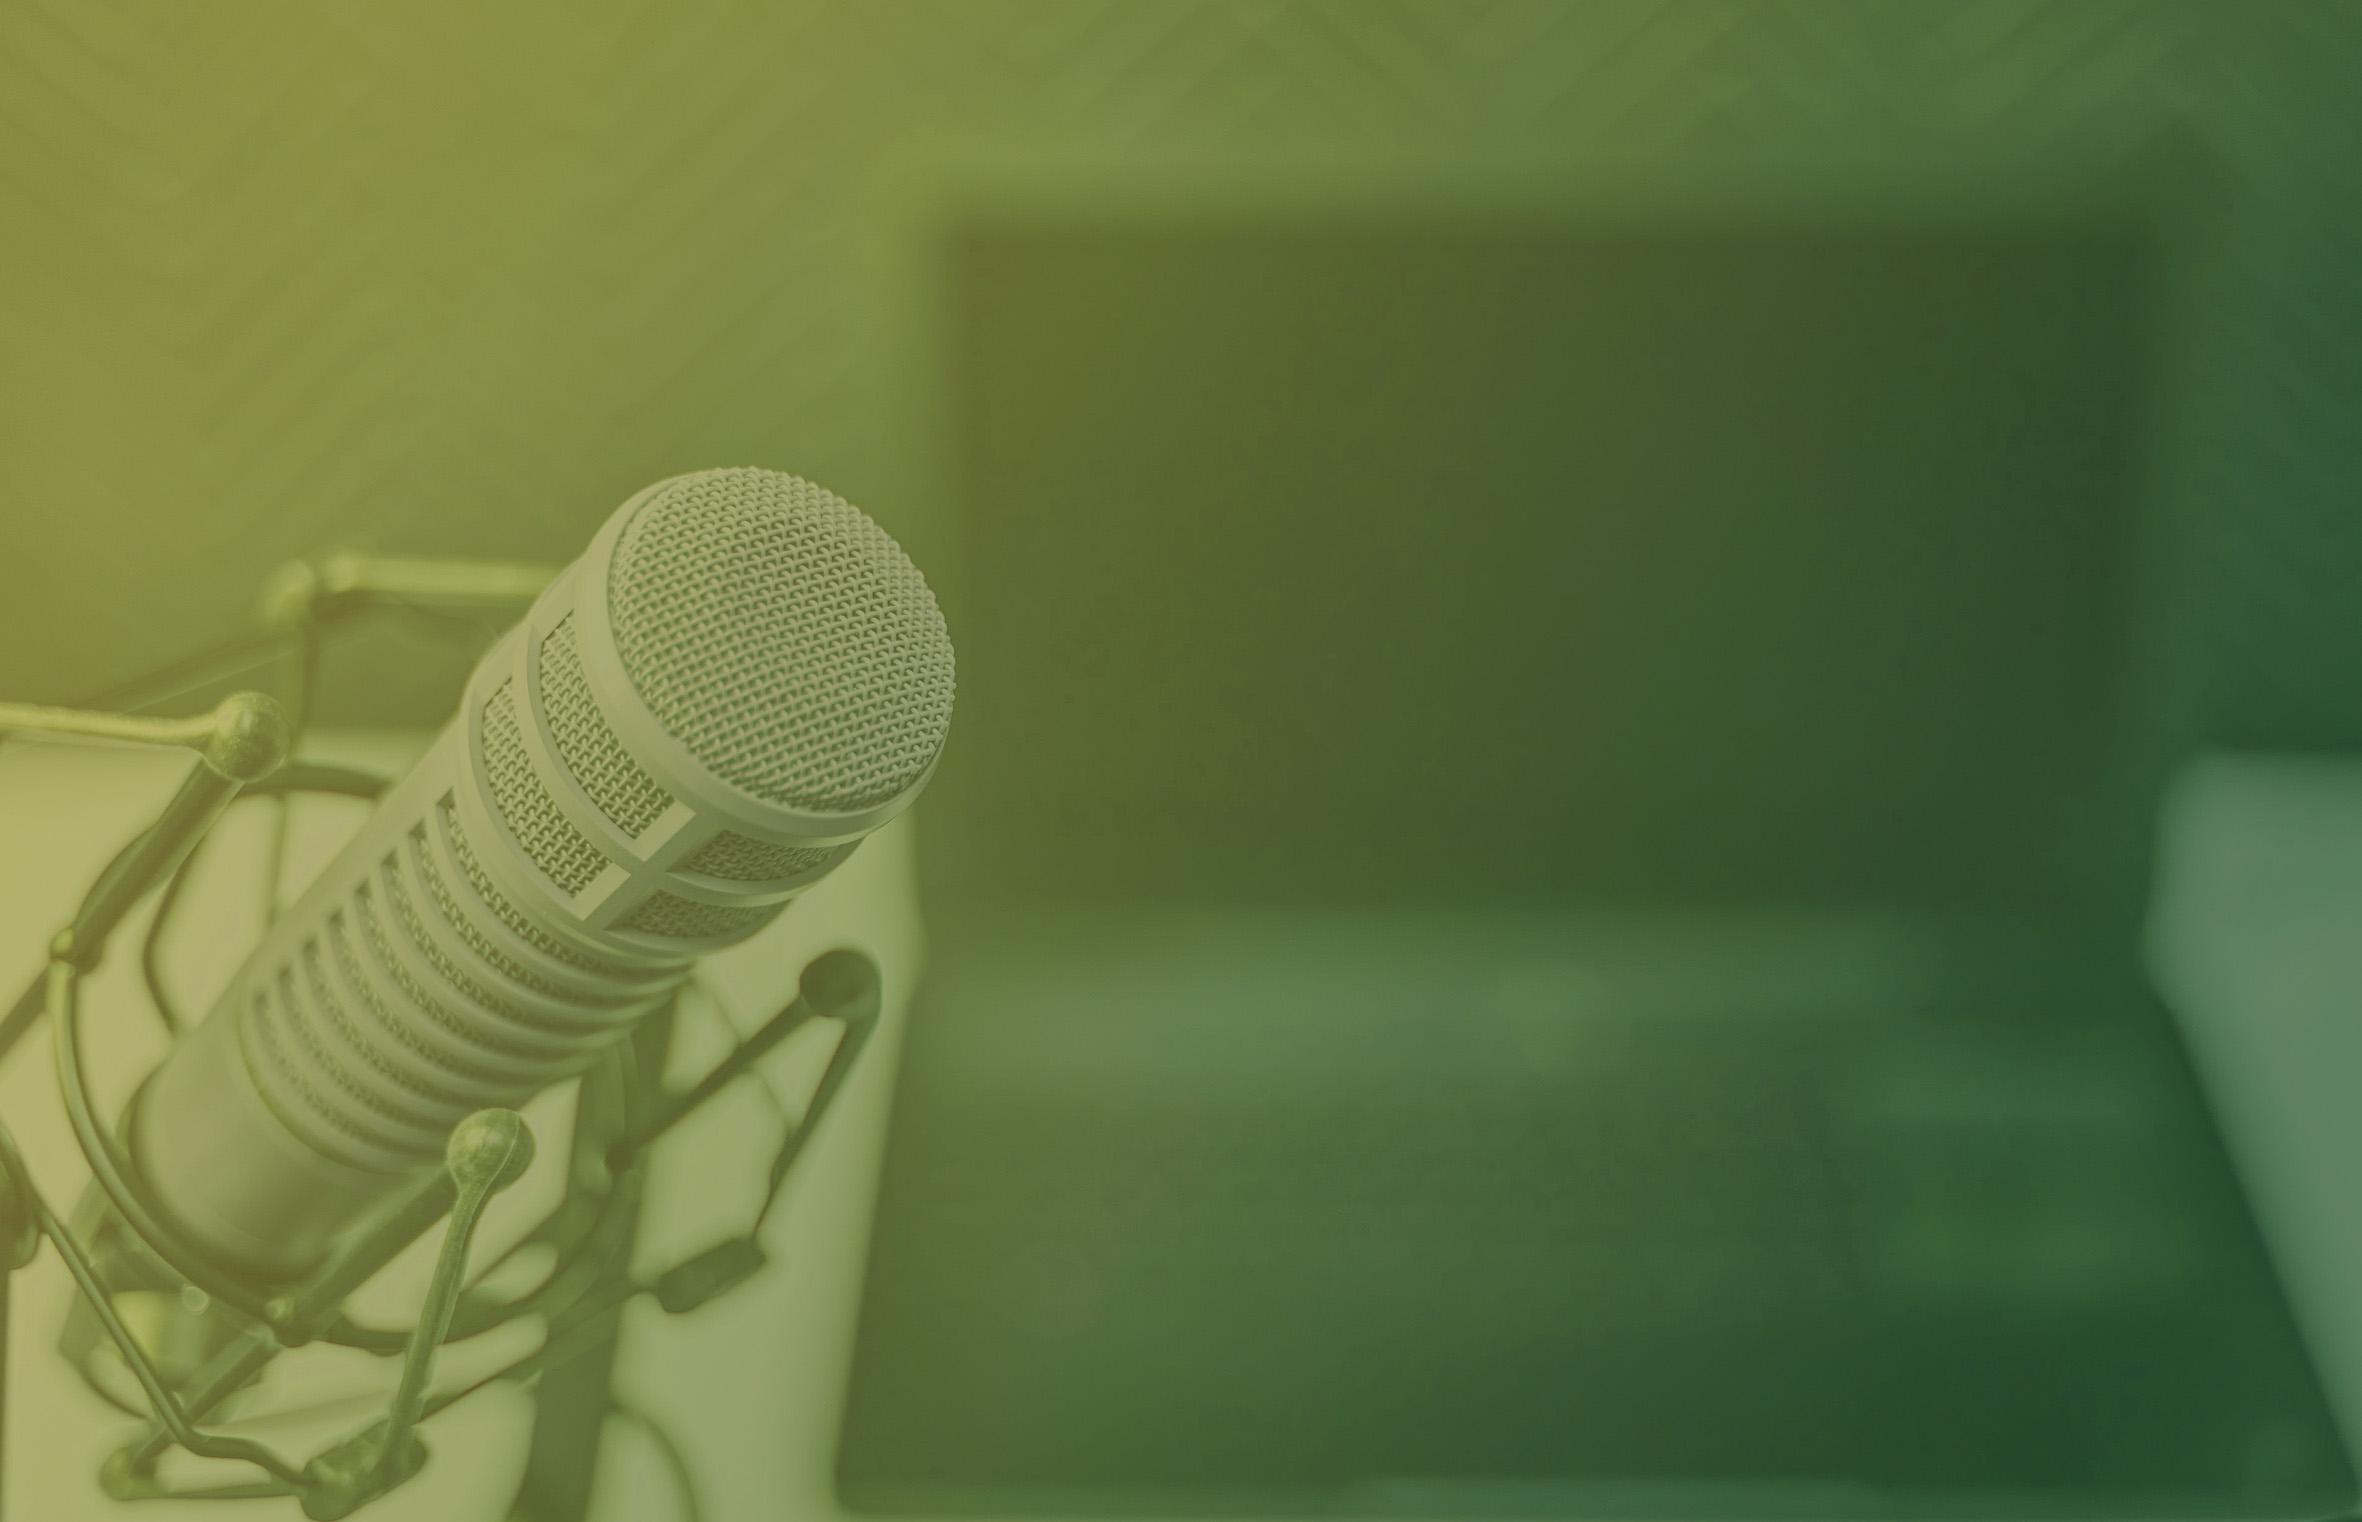 Seria podcastów powstałych w ramach Akademii Rewitalizacji